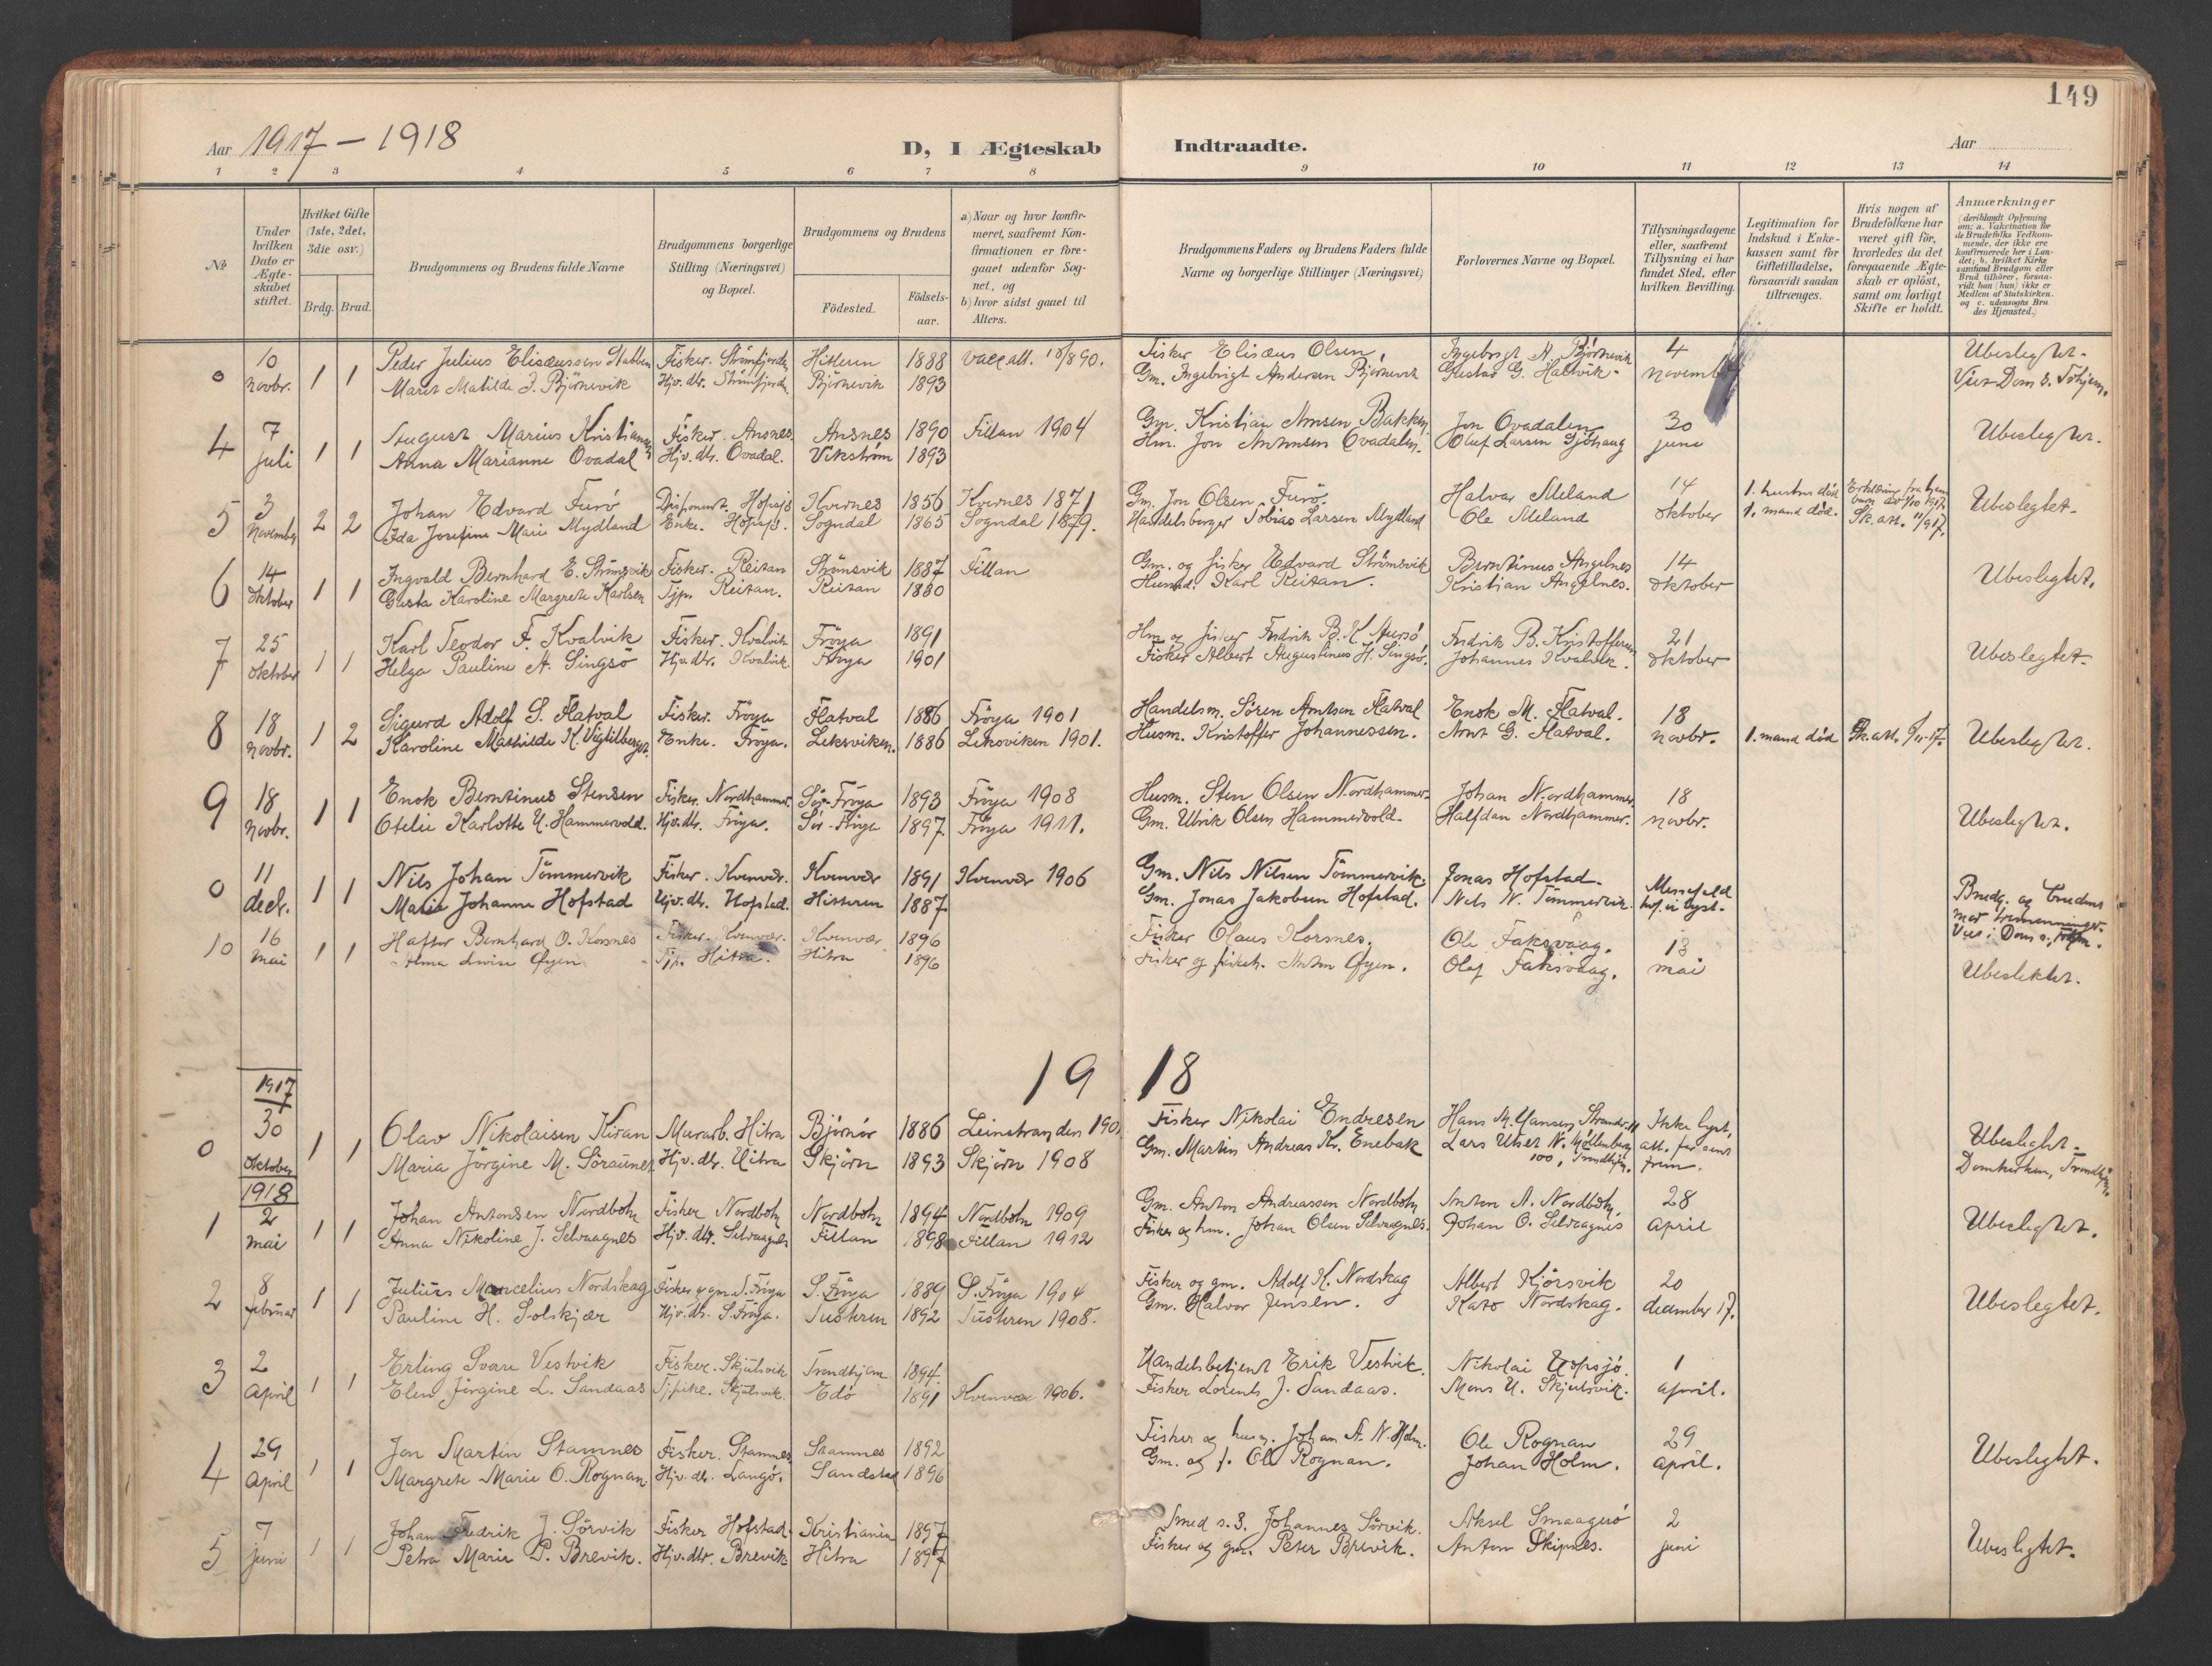 SAT, Ministerialprotokoller, klokkerbøker og fødselsregistre - Sør-Trøndelag, 634/L0537: Ministerialbok nr. 634A13, 1896-1922, s. 149